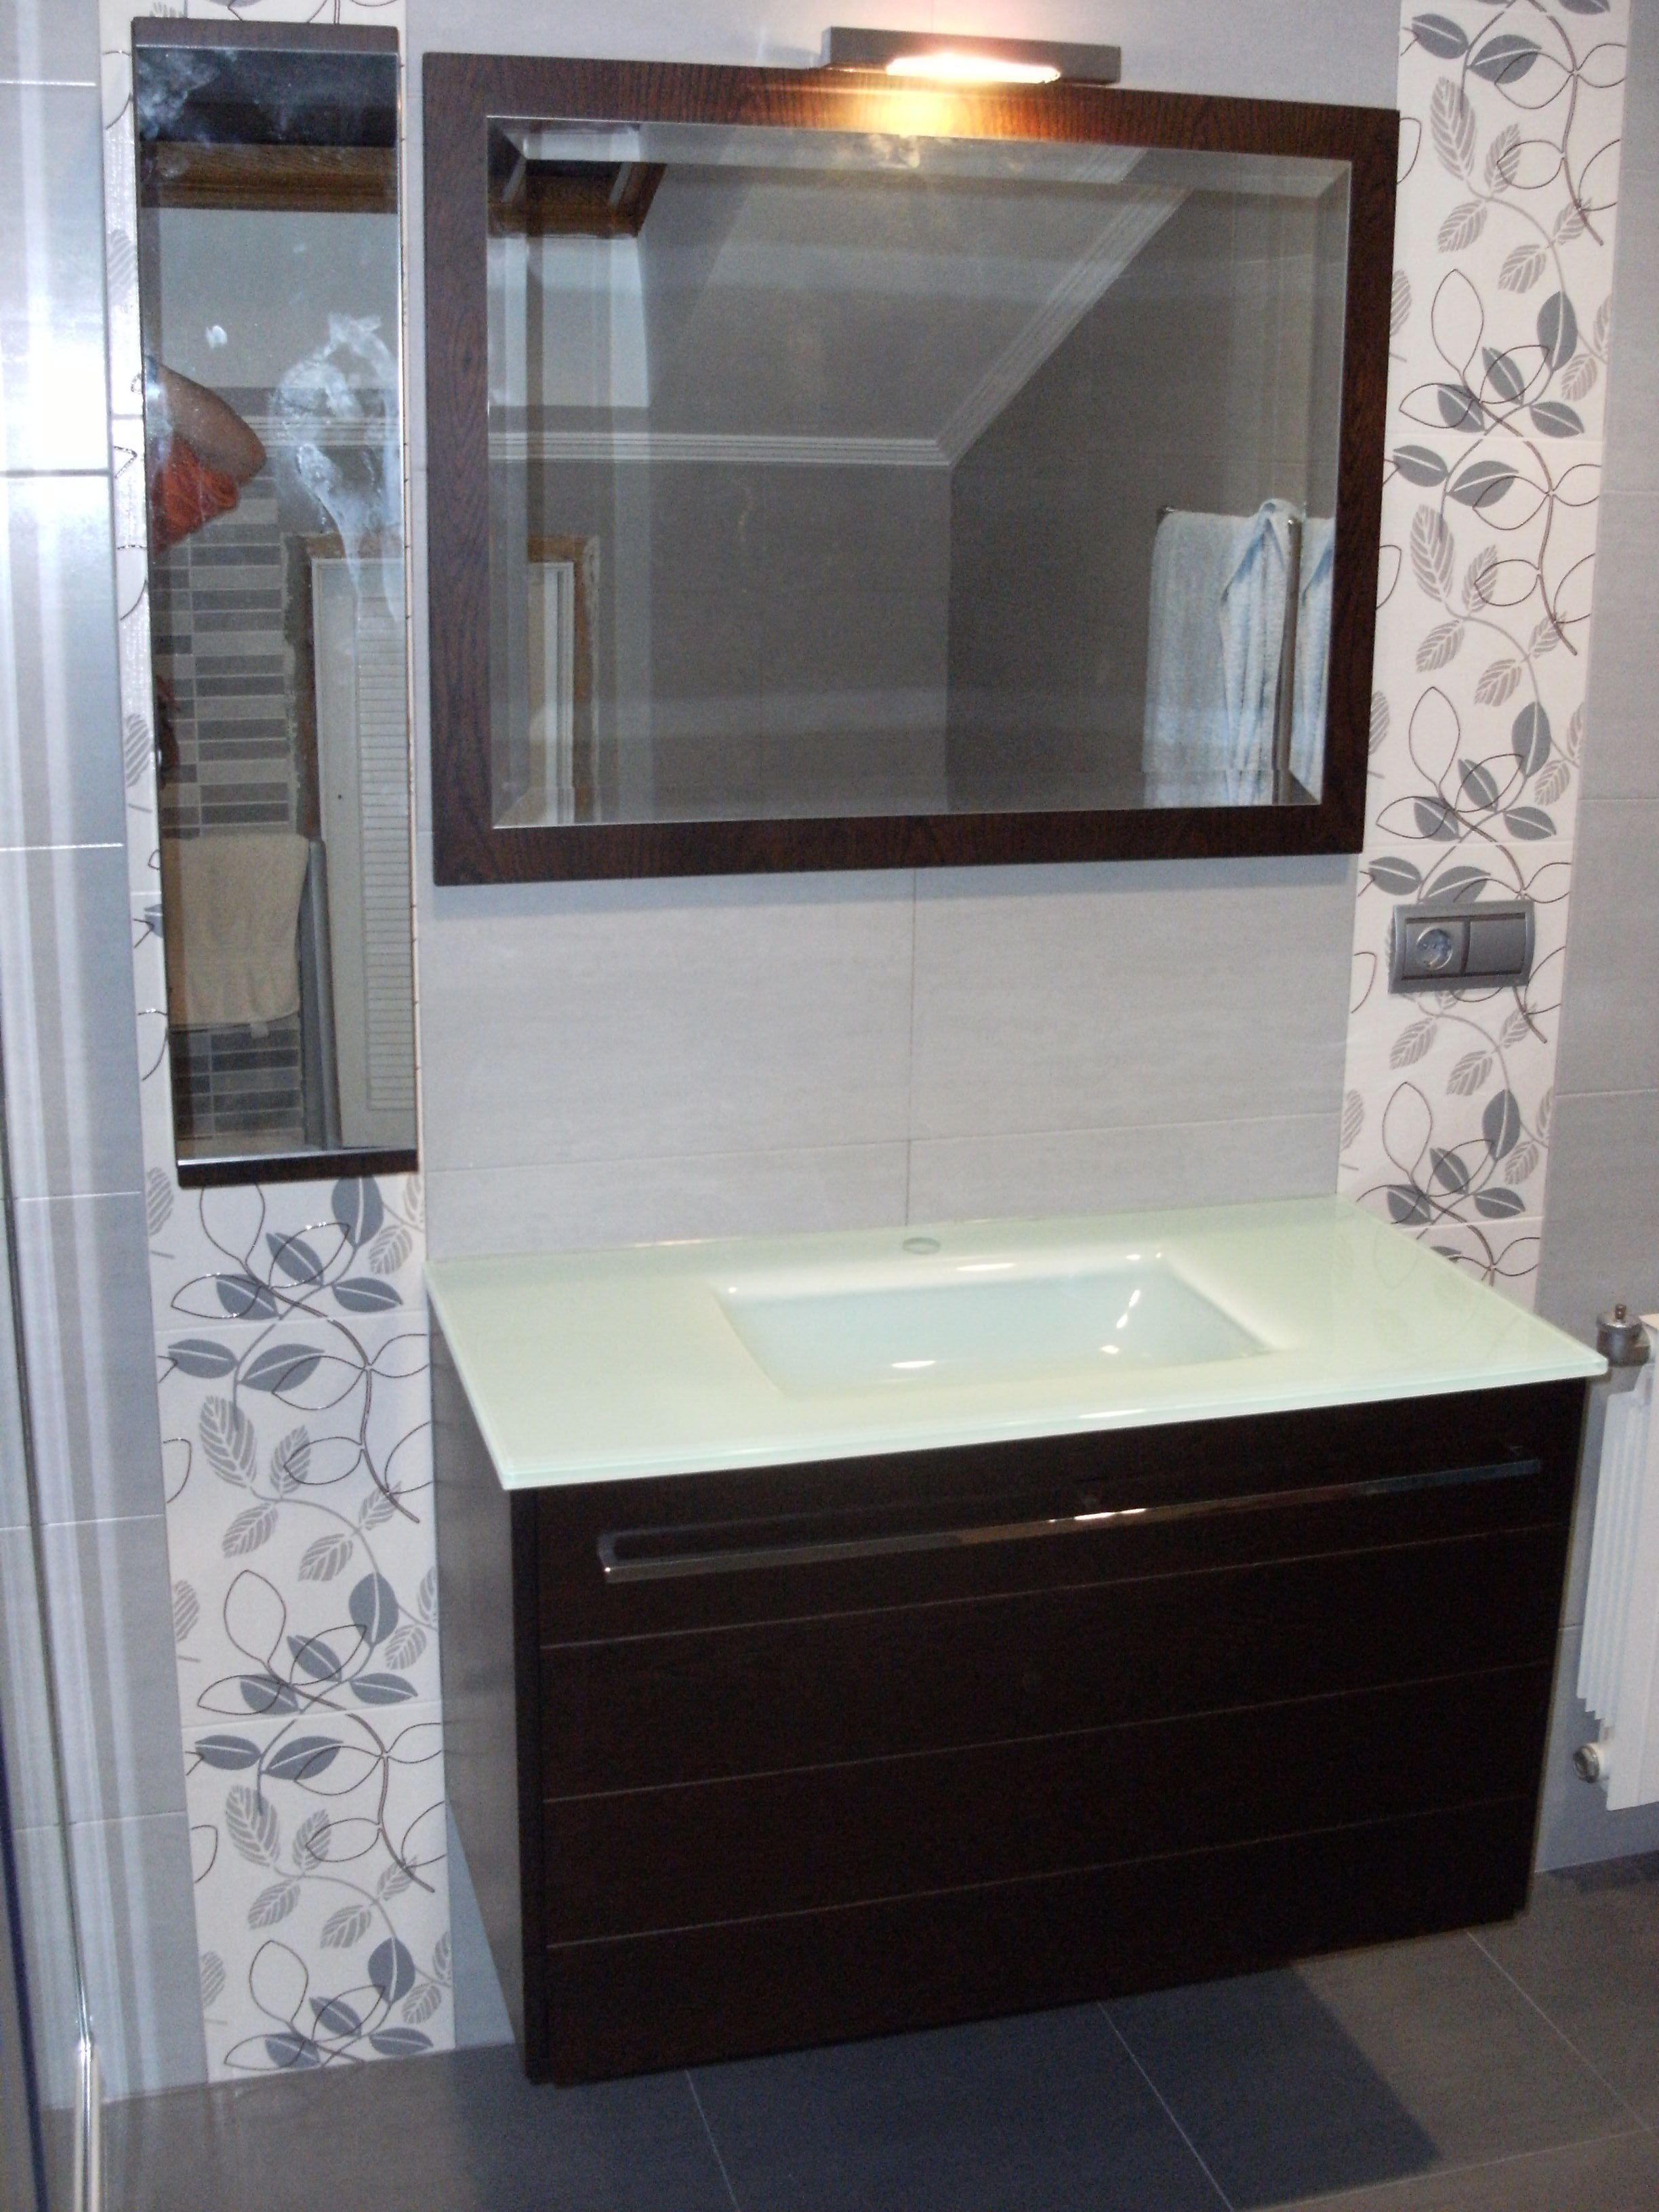 Lavabo y espejo | Muebles de baño, Lavabos, Baños